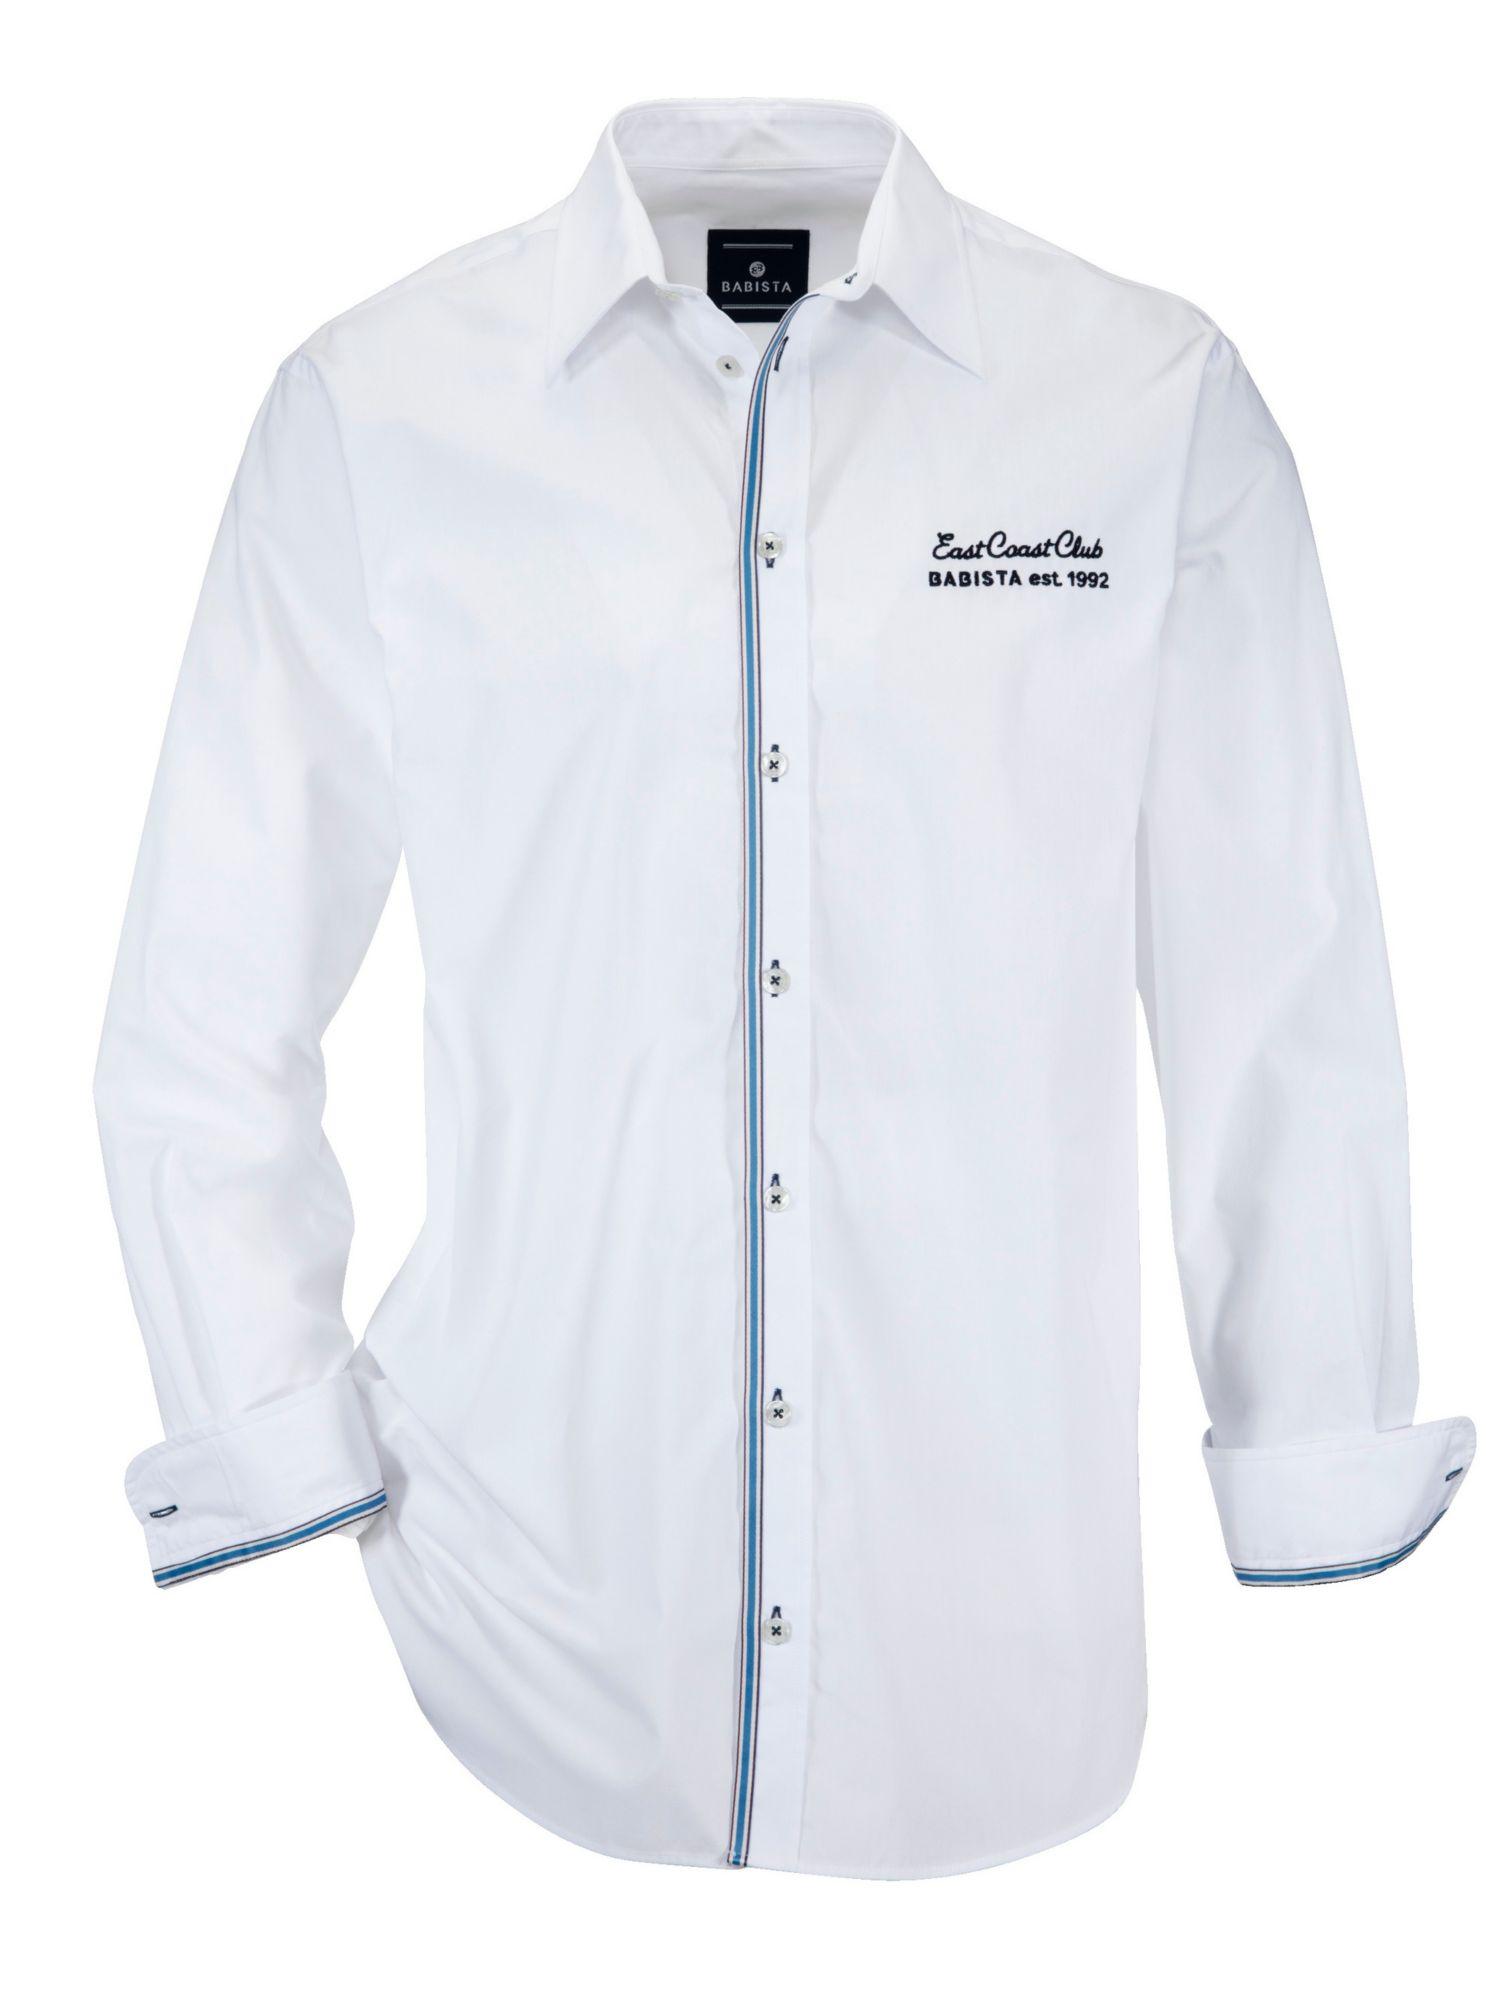 BABISTA Babista Hemd mit schöner Verzierung